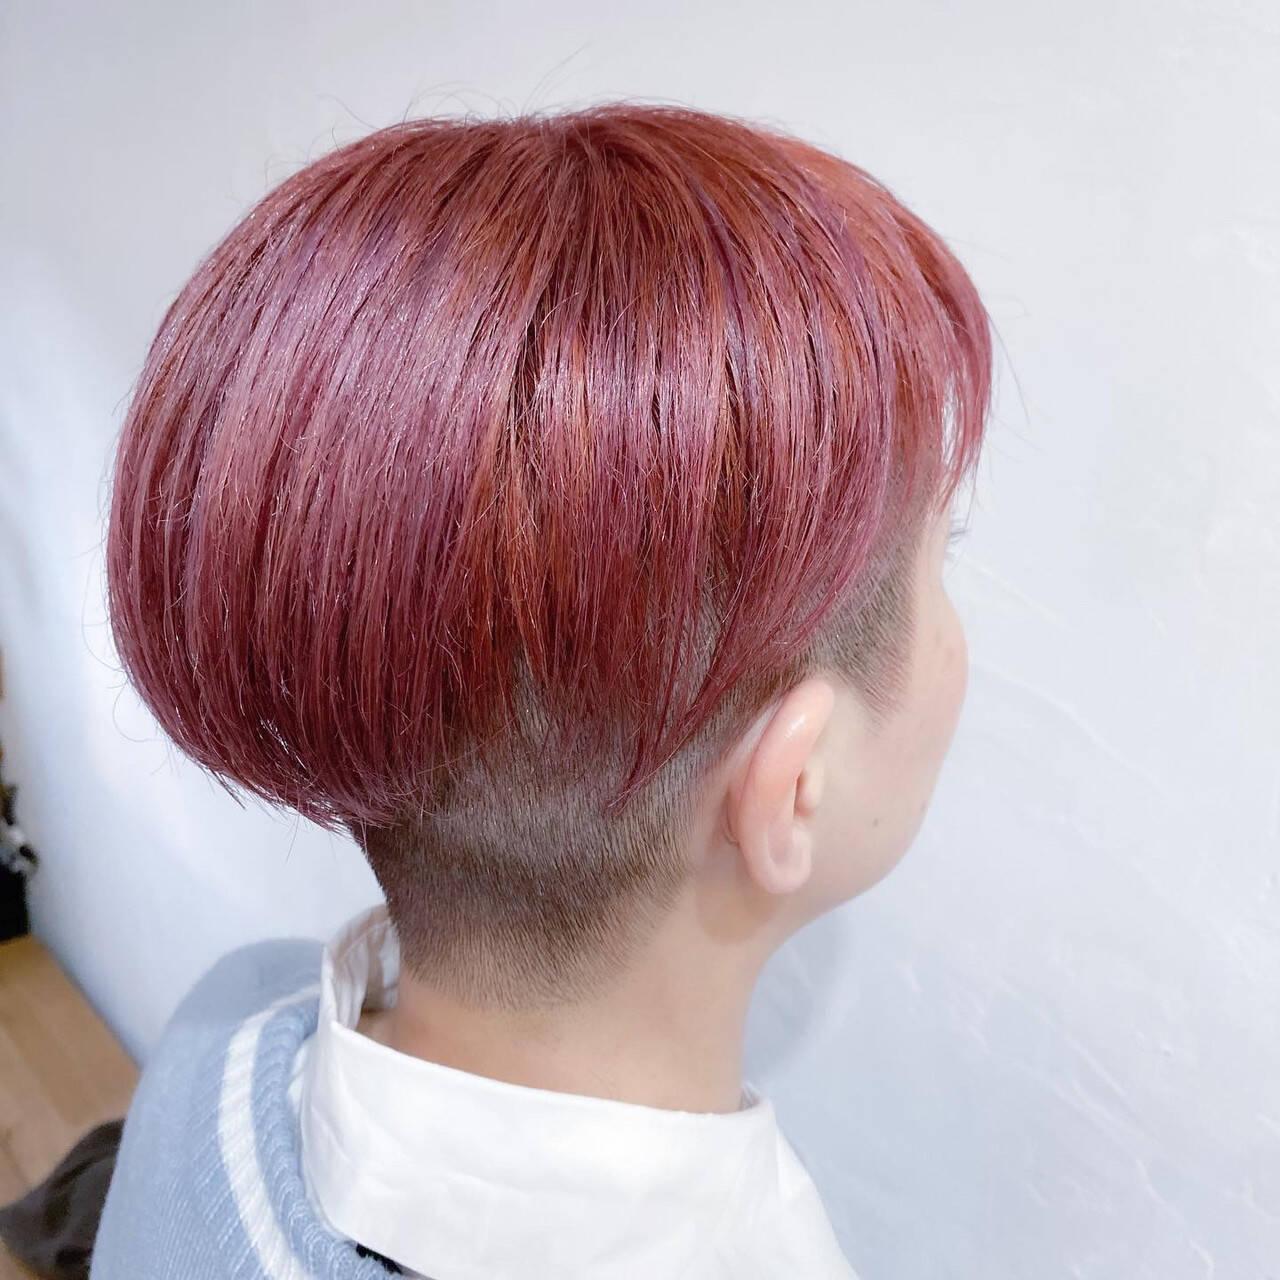 ナチュラル ピンクベージュ ブリーチオンカラー ボブヘアスタイルや髪型の写真・画像